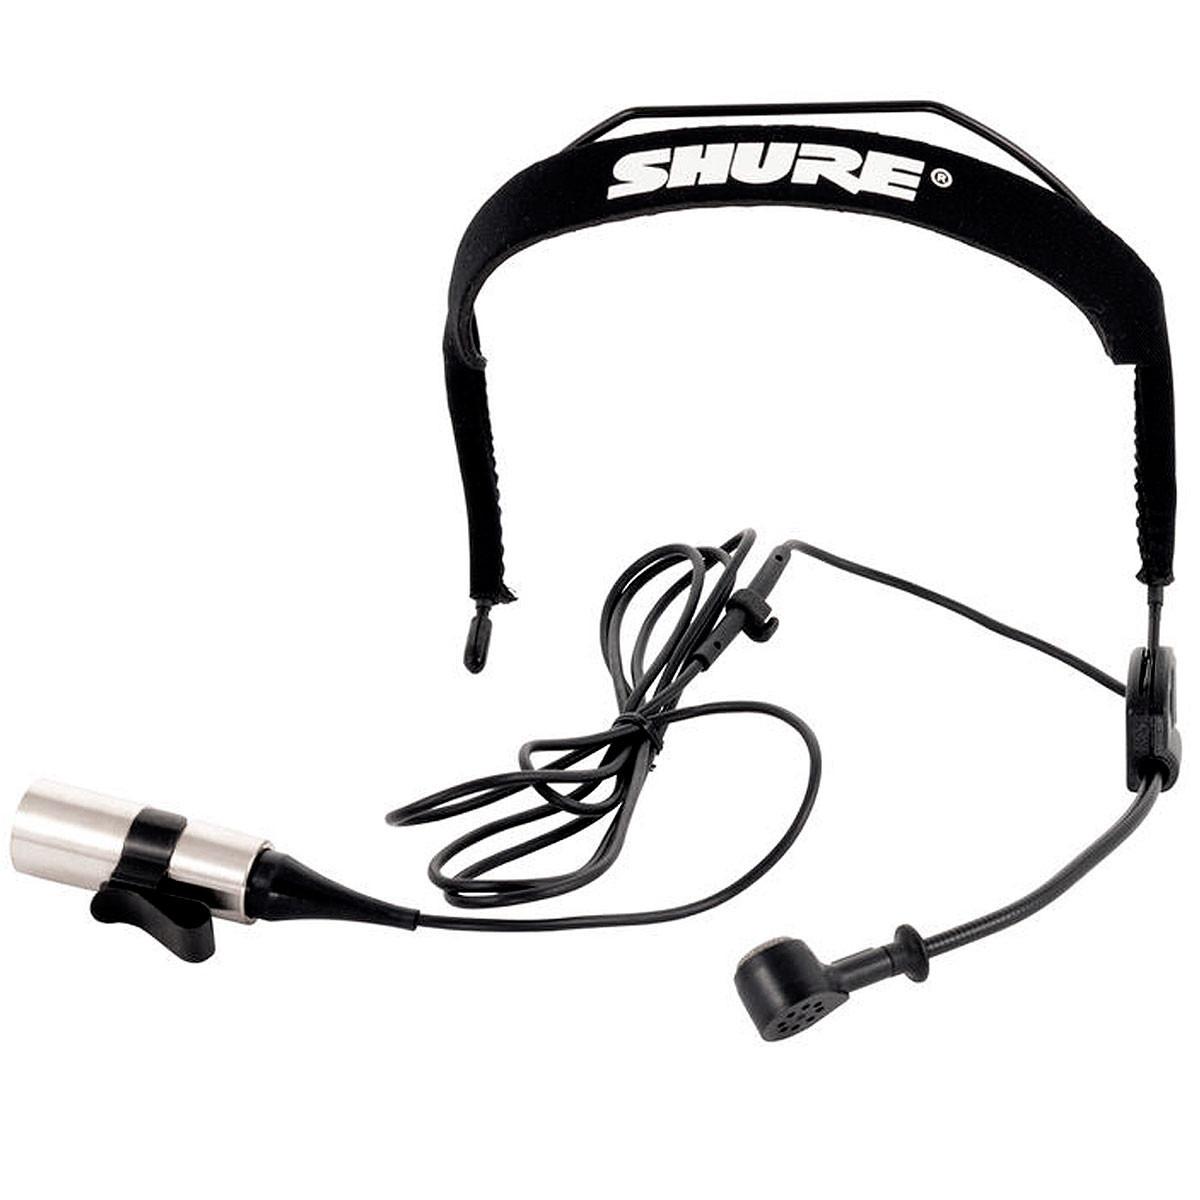 Micrófono De Diadema Con Cable Xlr Shure Wh20xlr - $ 2,630 ...